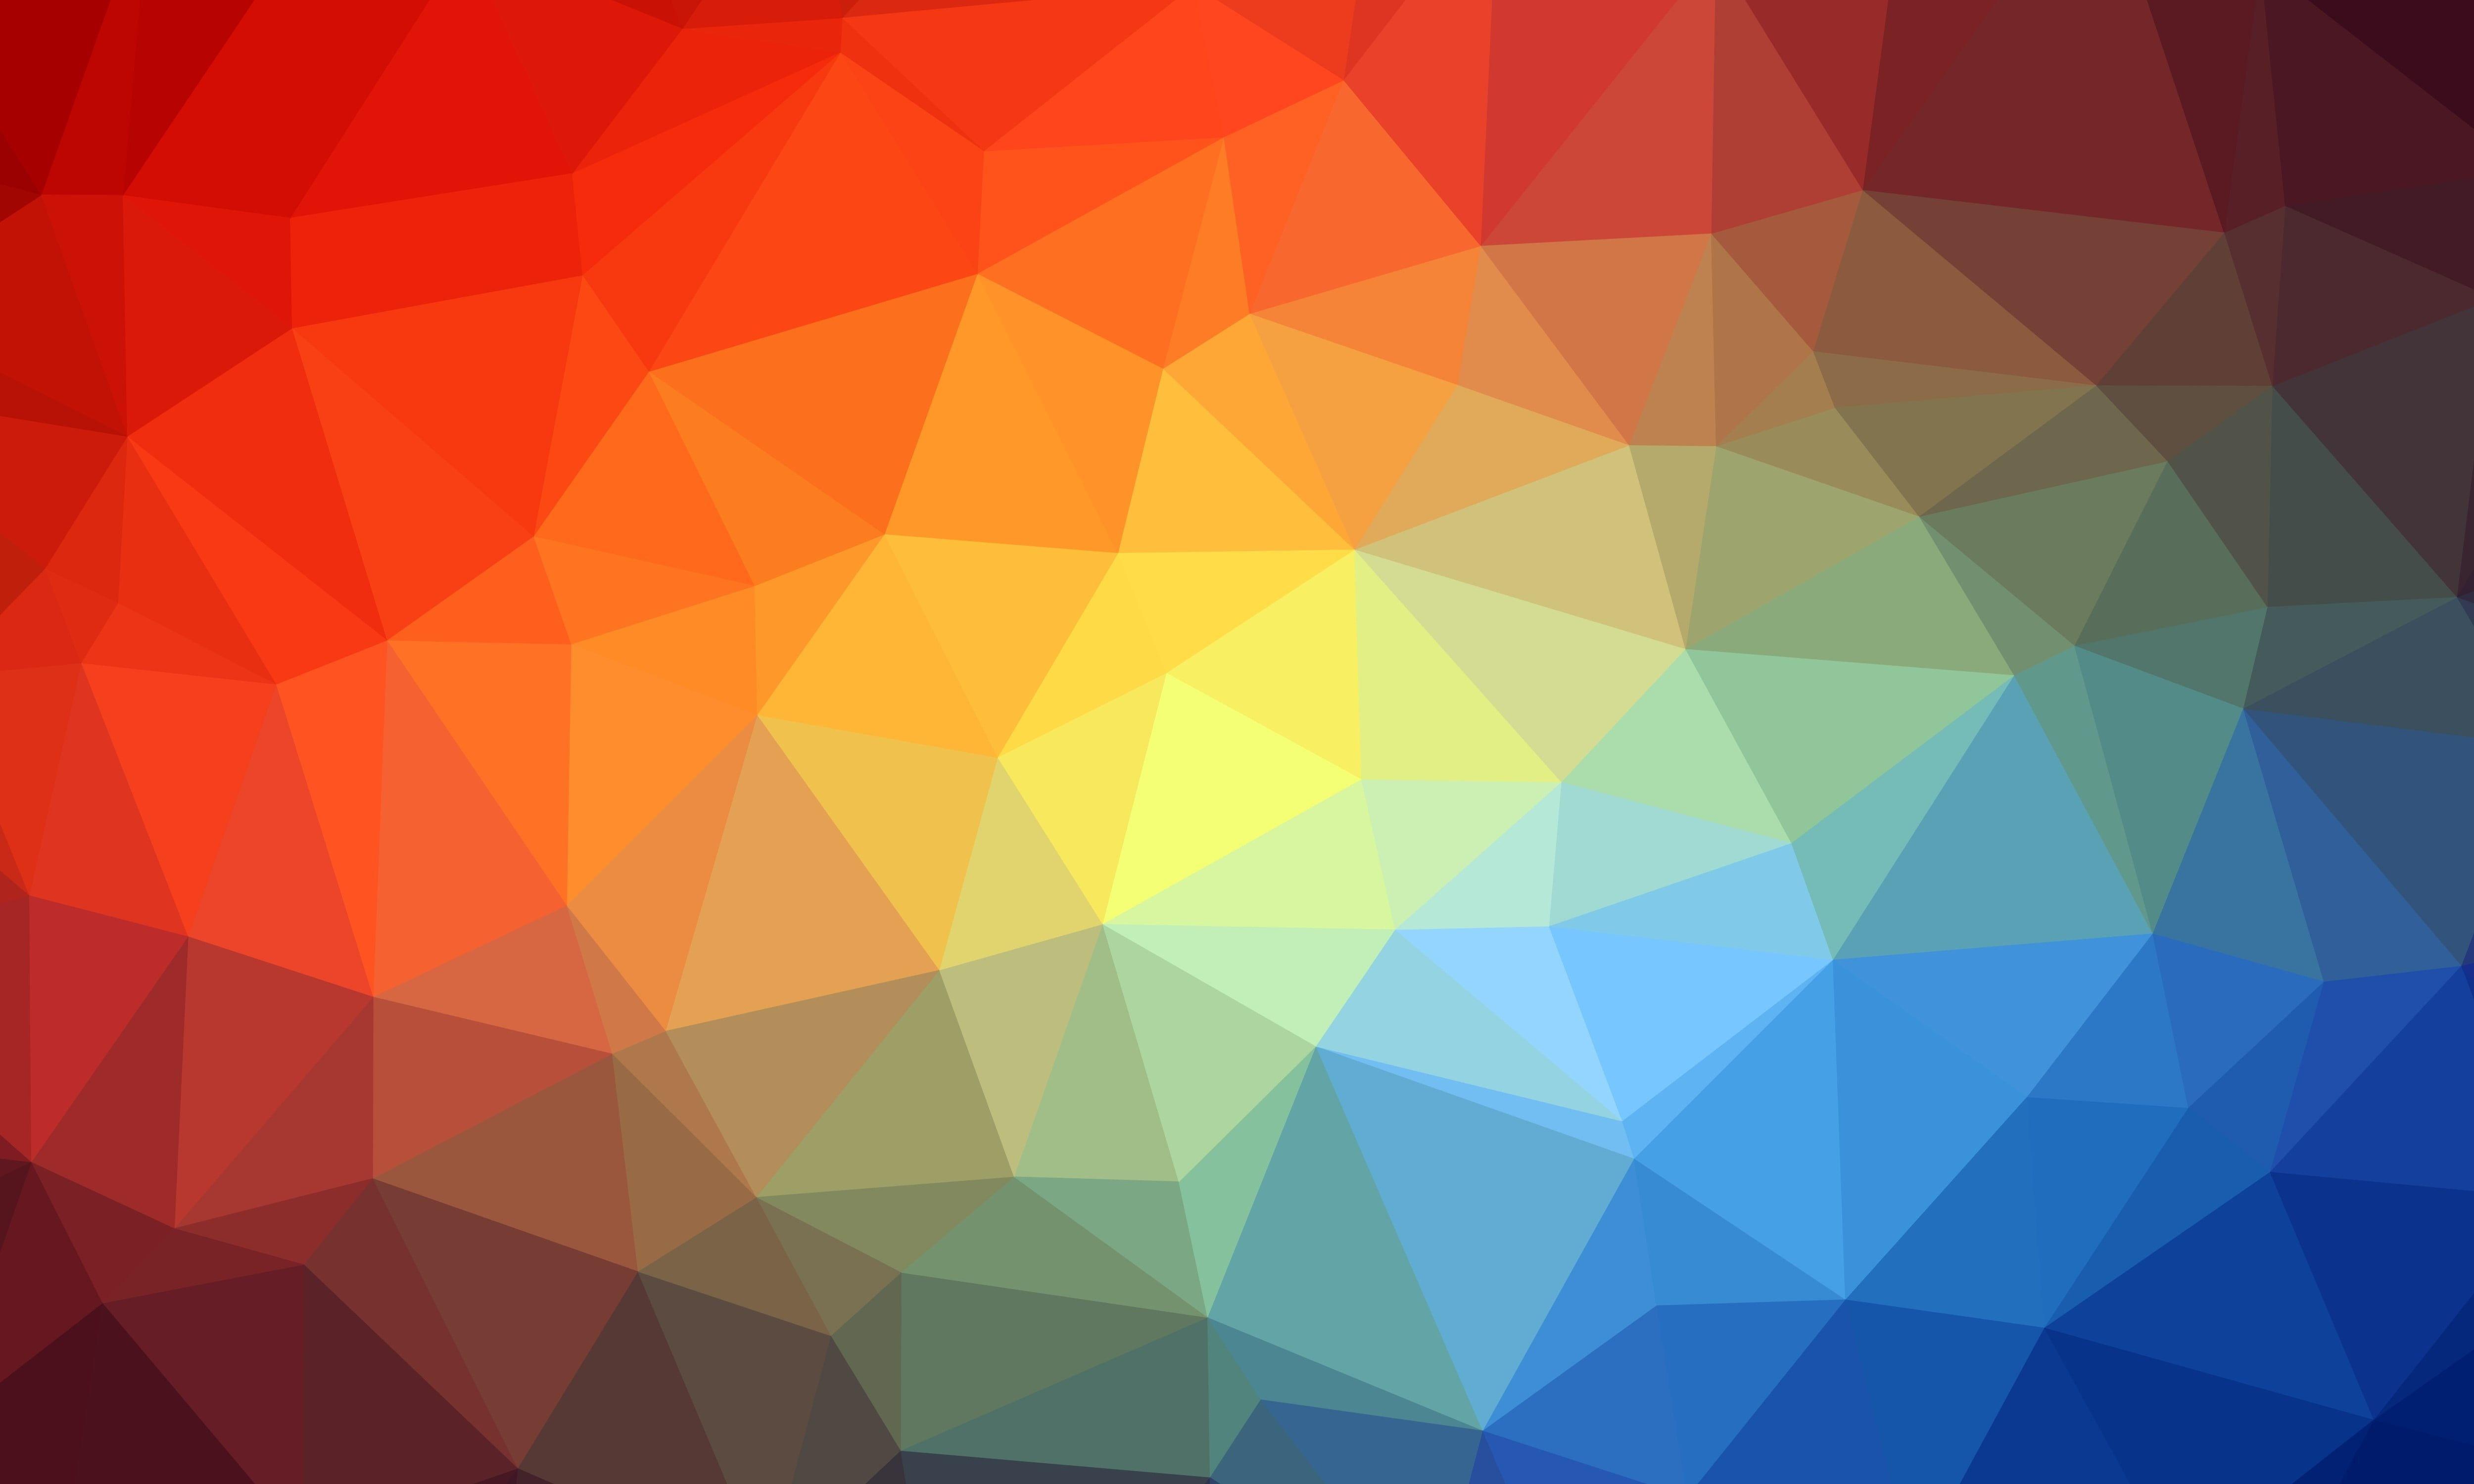 Triangle Geometric Multicolored 4k Wallpaper Hdwallpaper Desktop Abstract Geometric Wallpaper 4k Geometric